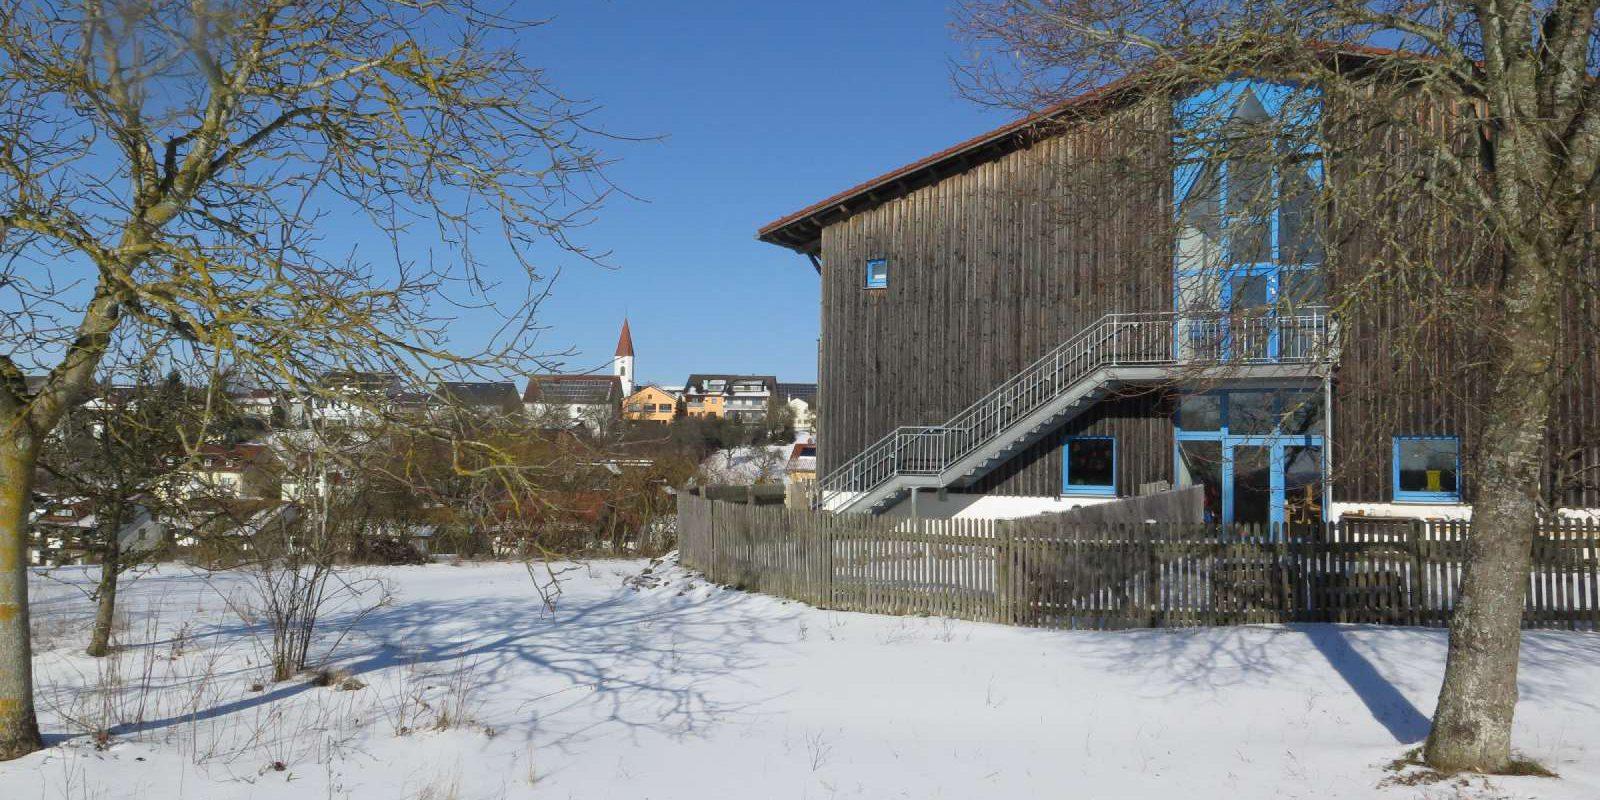 Winter in Schernfeld